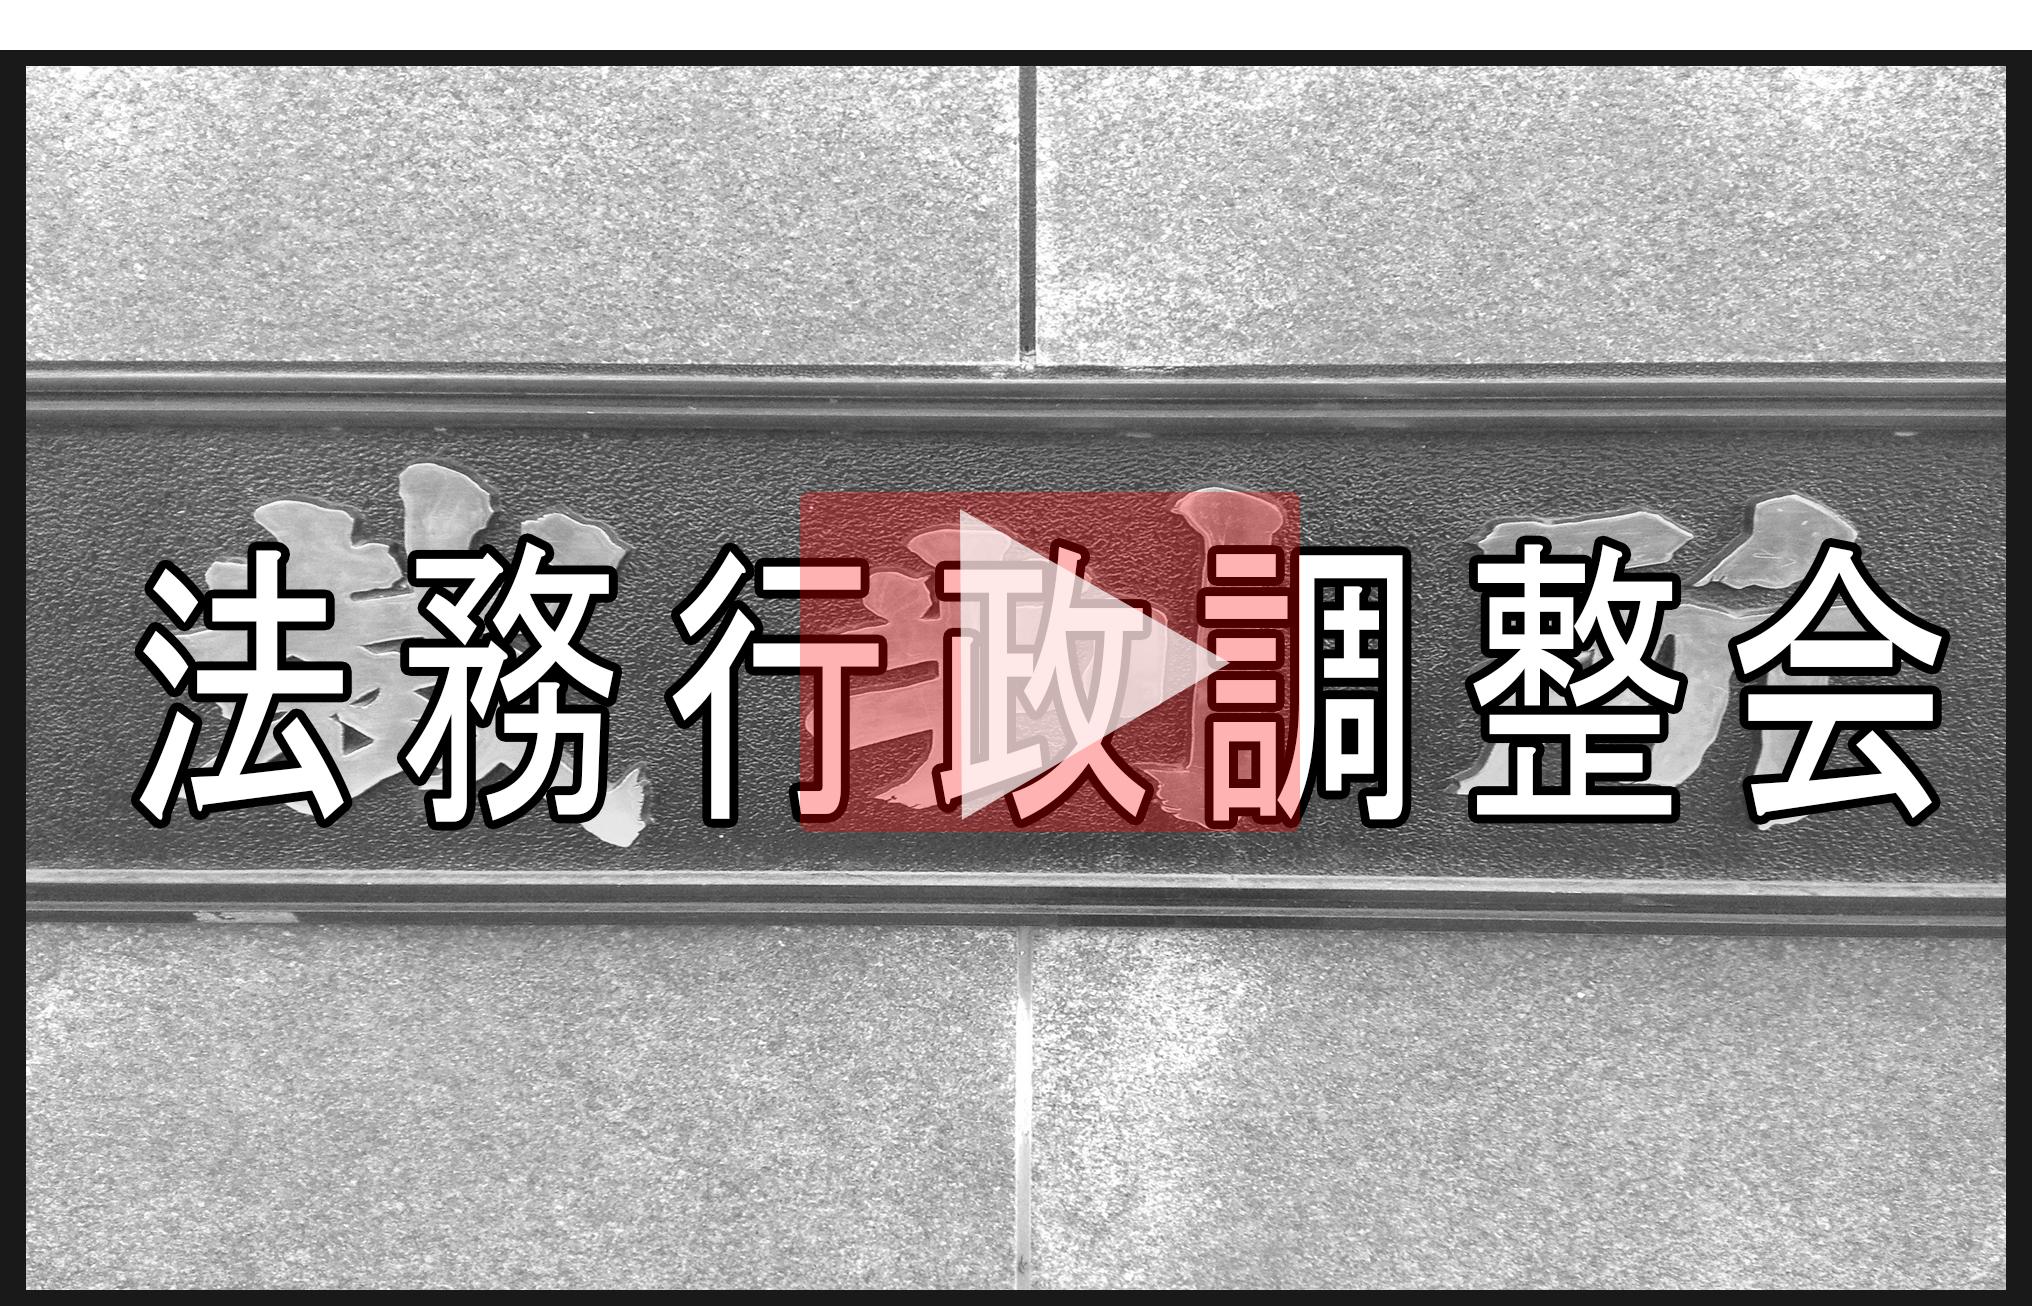 法務行政調査会